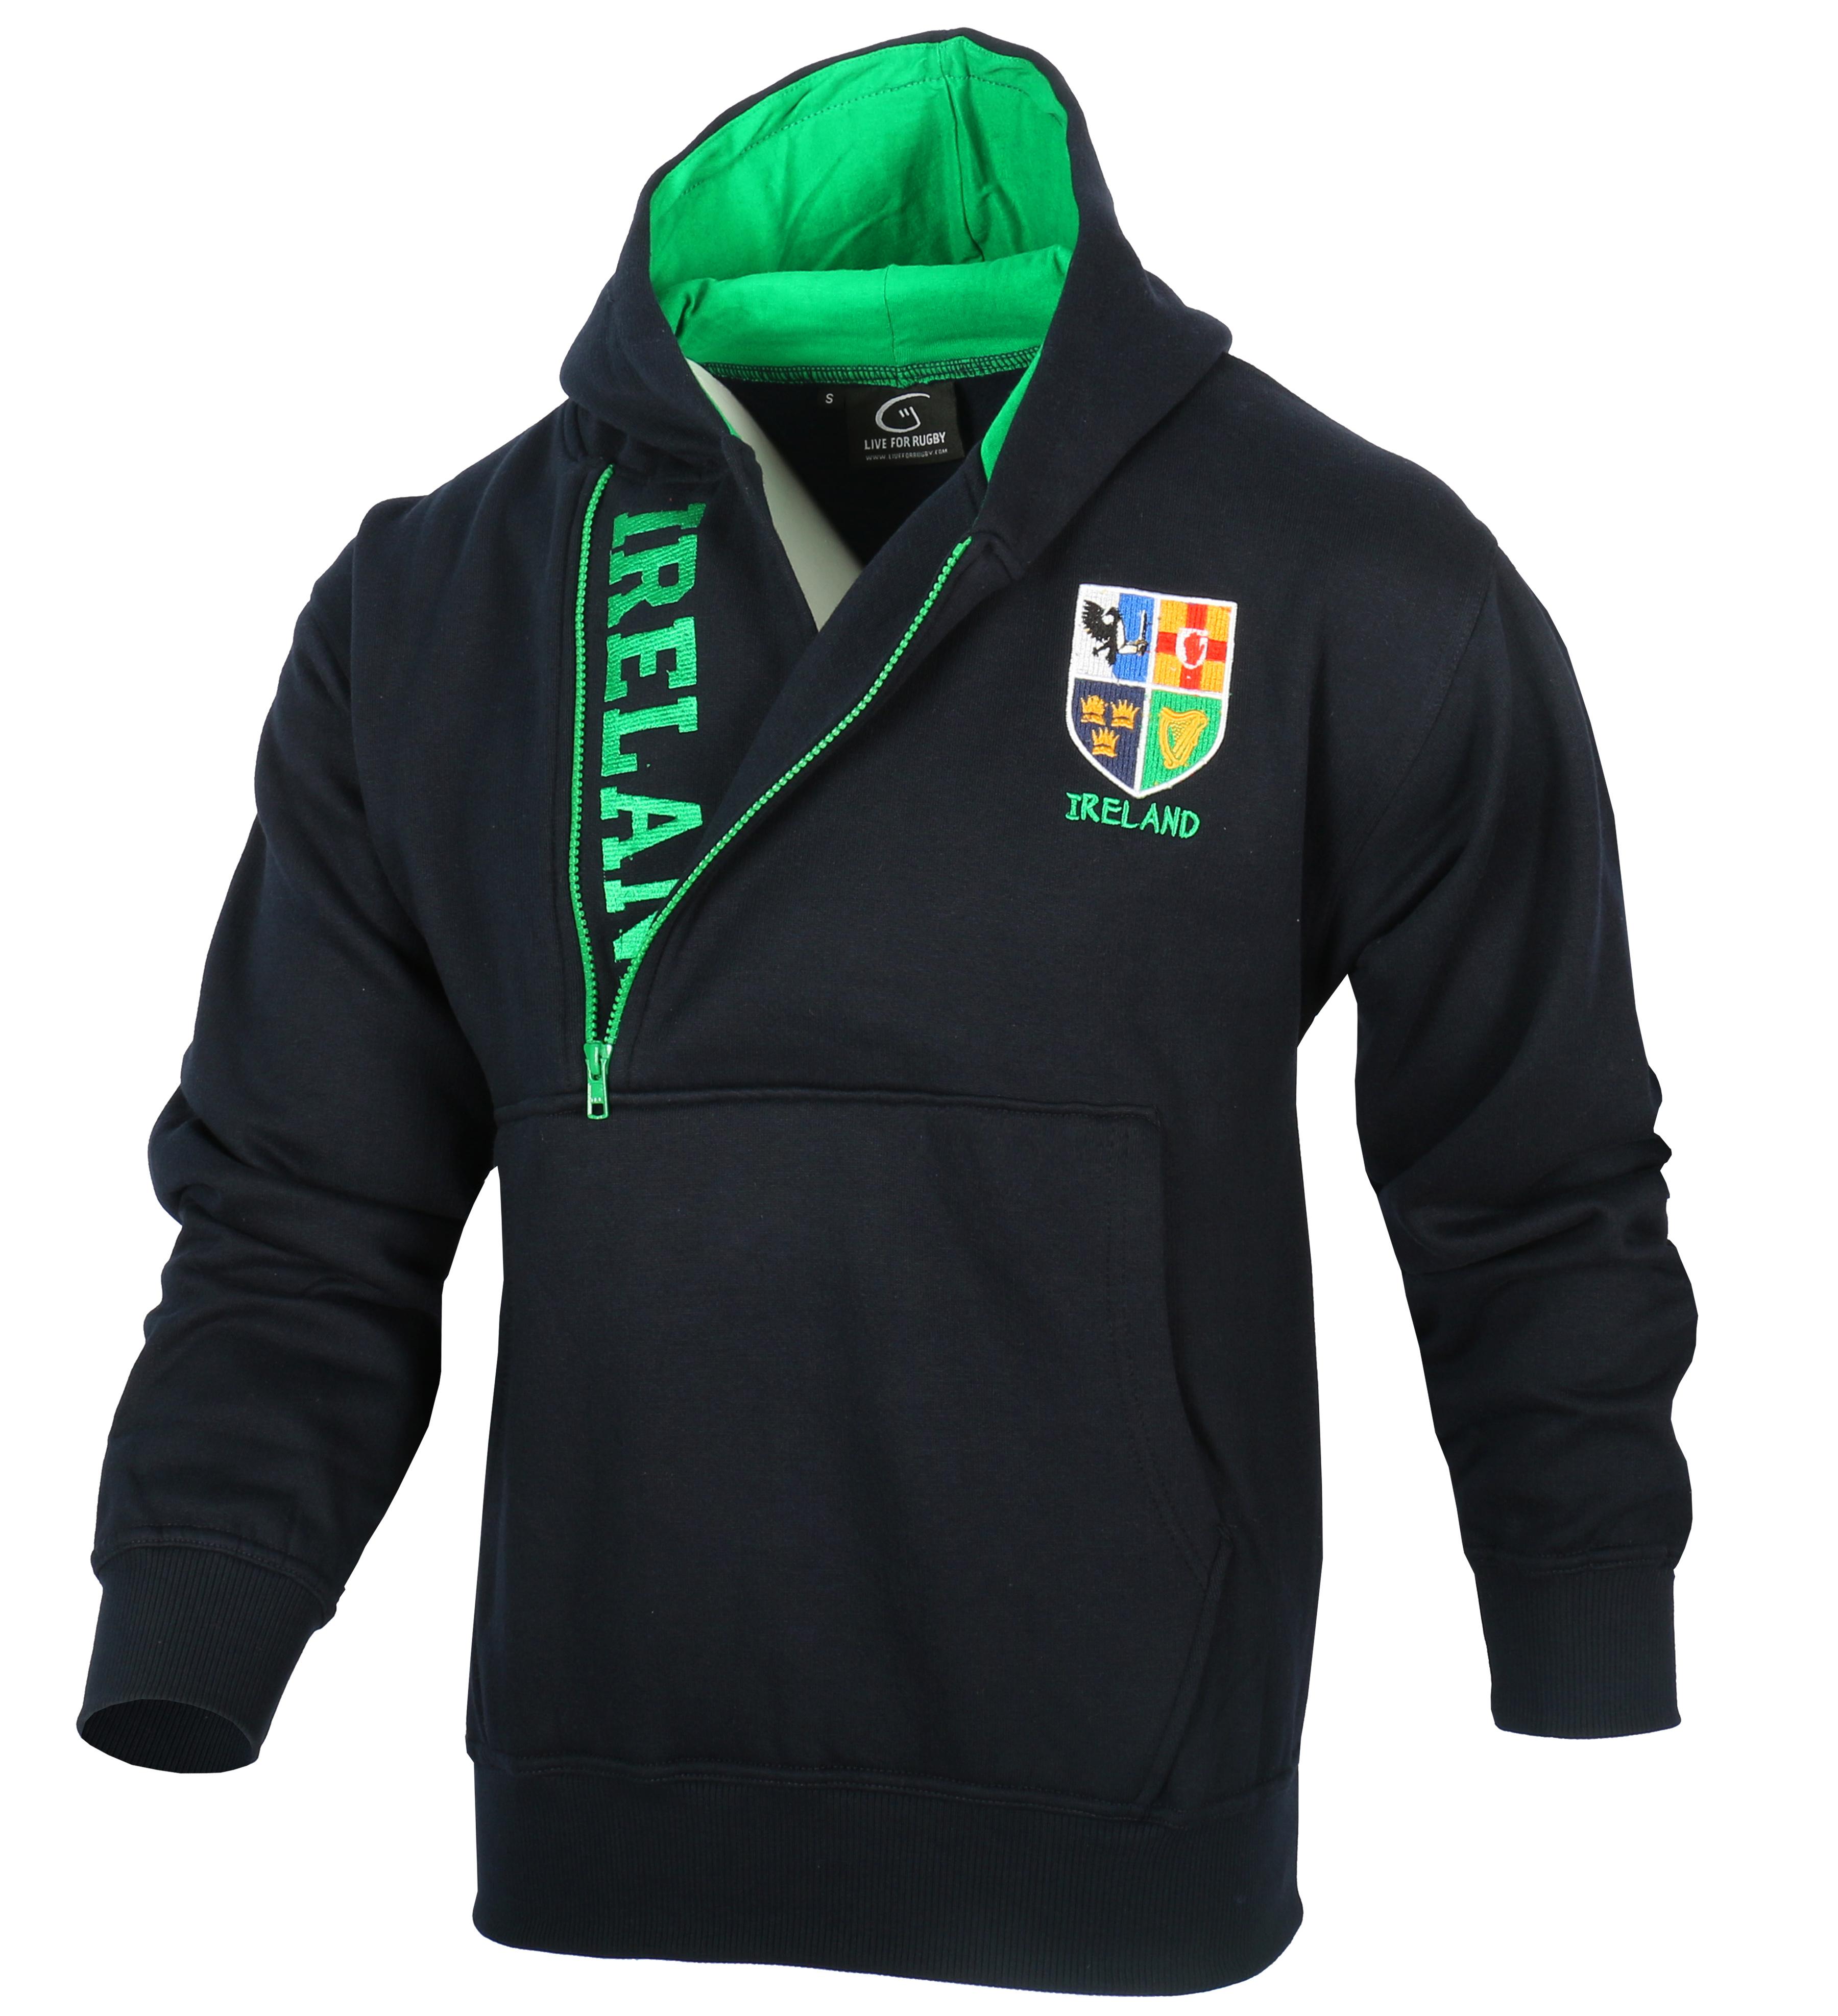 Men-039-s-Half-Zip-Hoodie-Pullover-Sweatshirt-Ireland-Navy-and-Green thumbnail 6